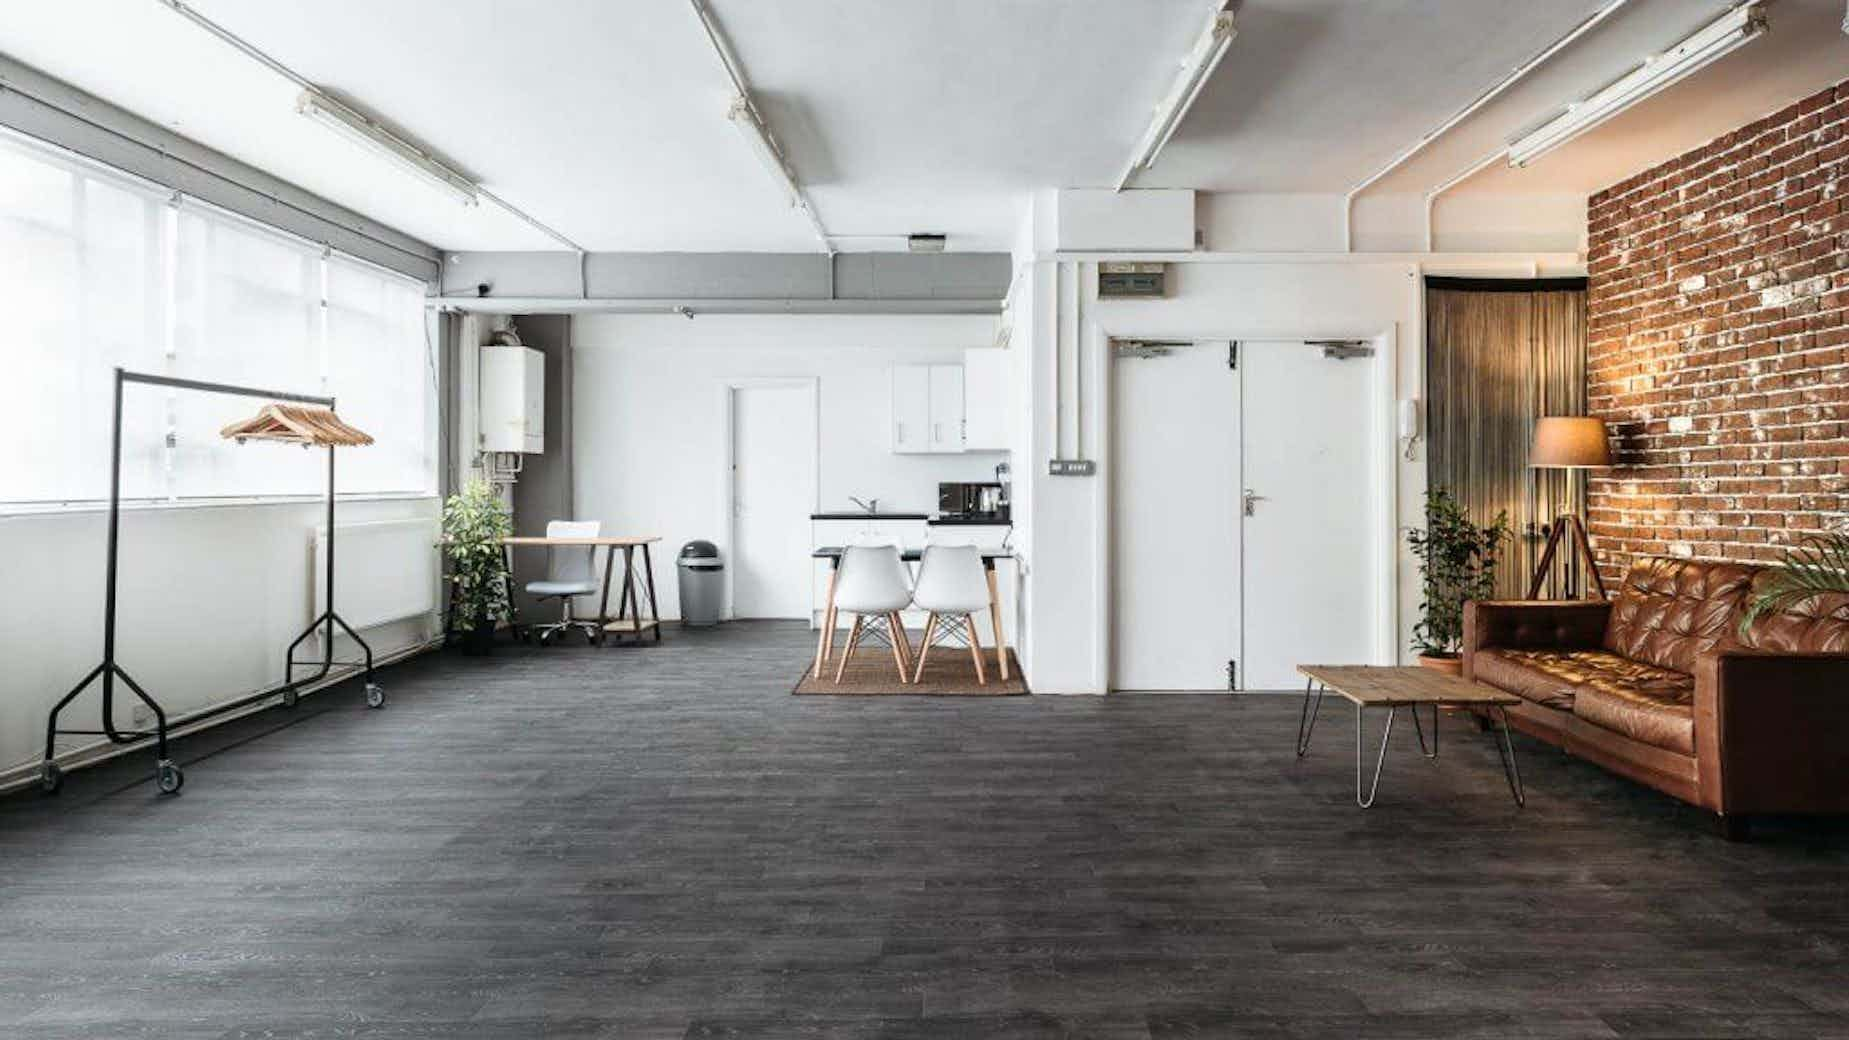 Photography - Filming - Event venue., 69 drops Studio - Studio 2